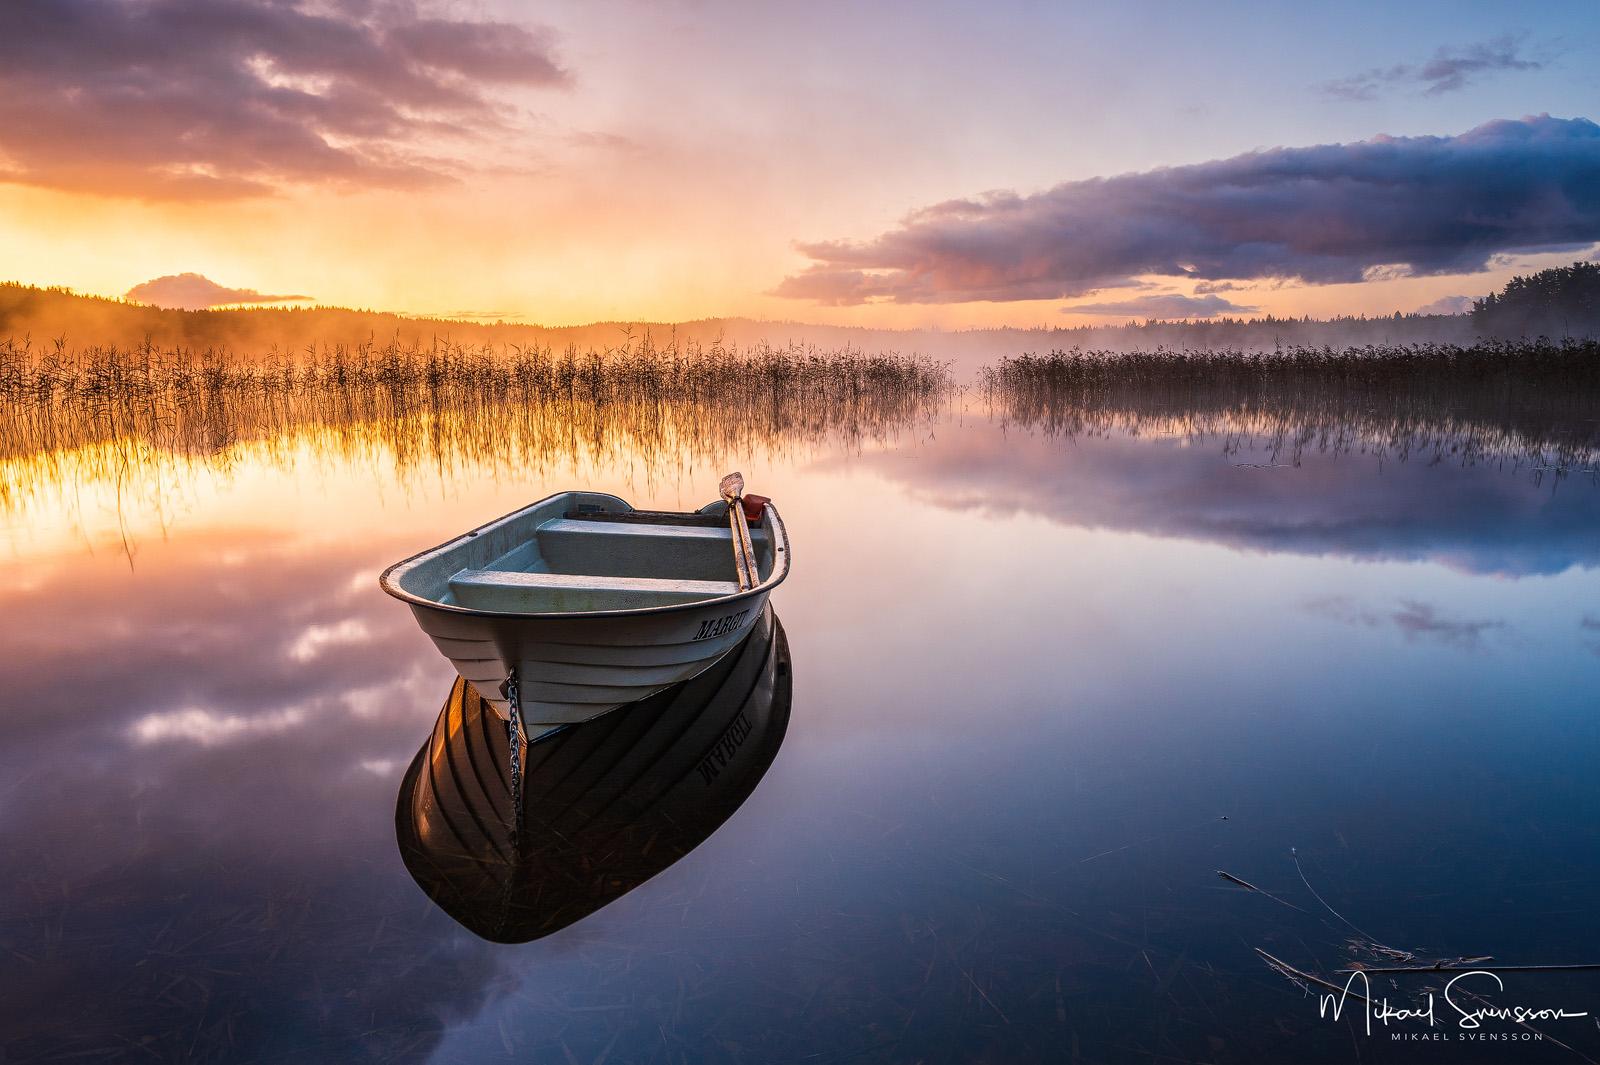 Soluppgång vid Finnsjön, Härryda kommun. Foto: Mikael Svensson , www.mikaelsvensson.com